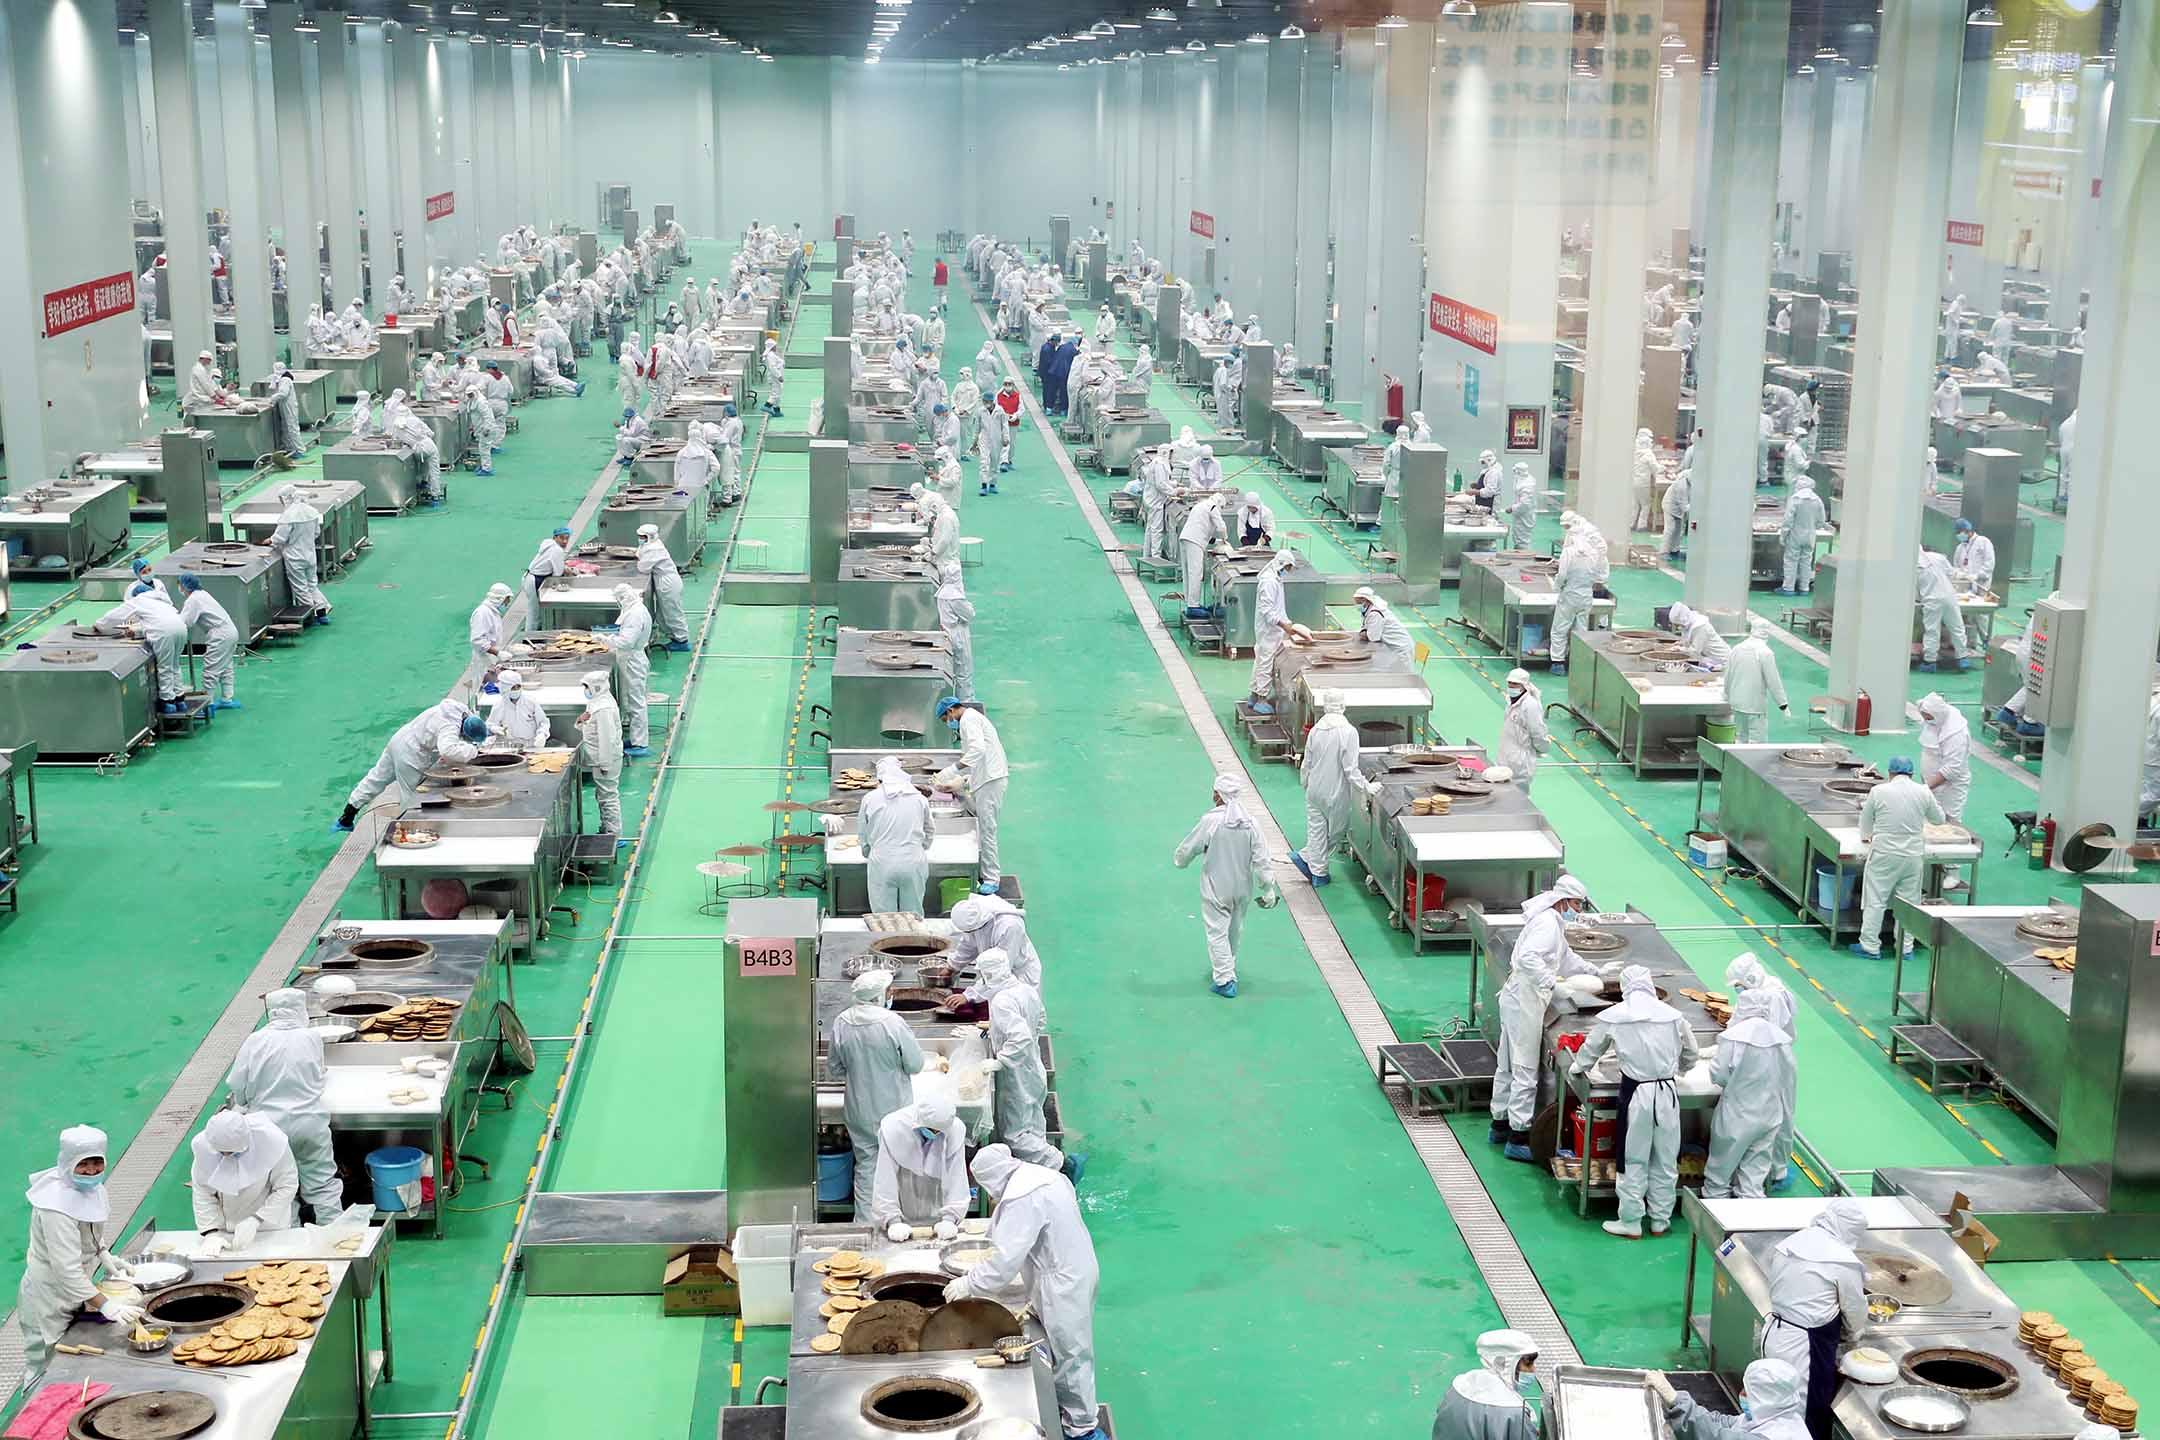 2021年1月30日中國烏魯木齊的一個食品工場。